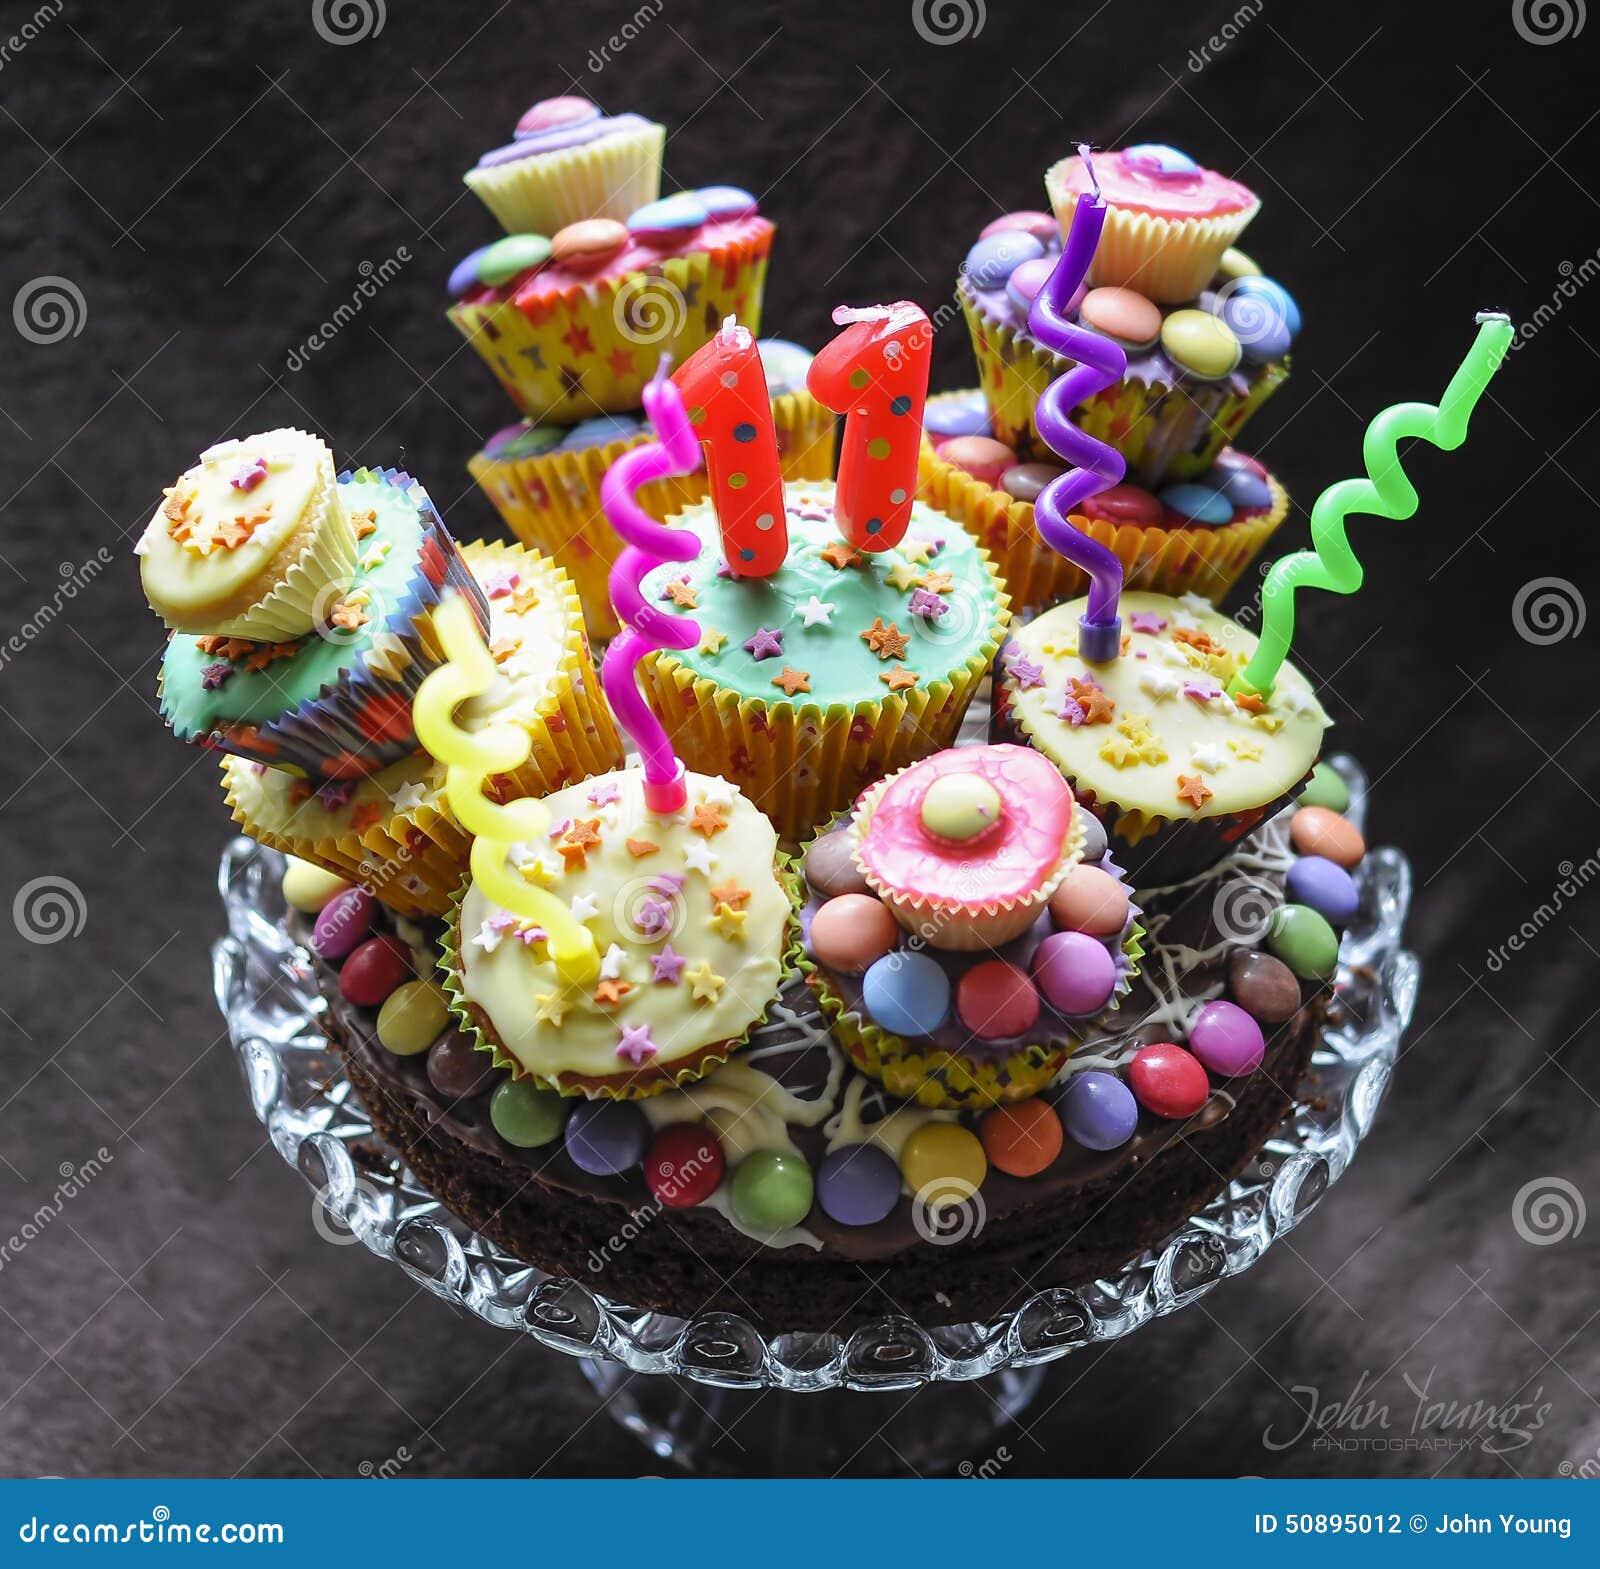 Birthday Cake Stock Photo Image Of Cream Curly Raspberries 50895012